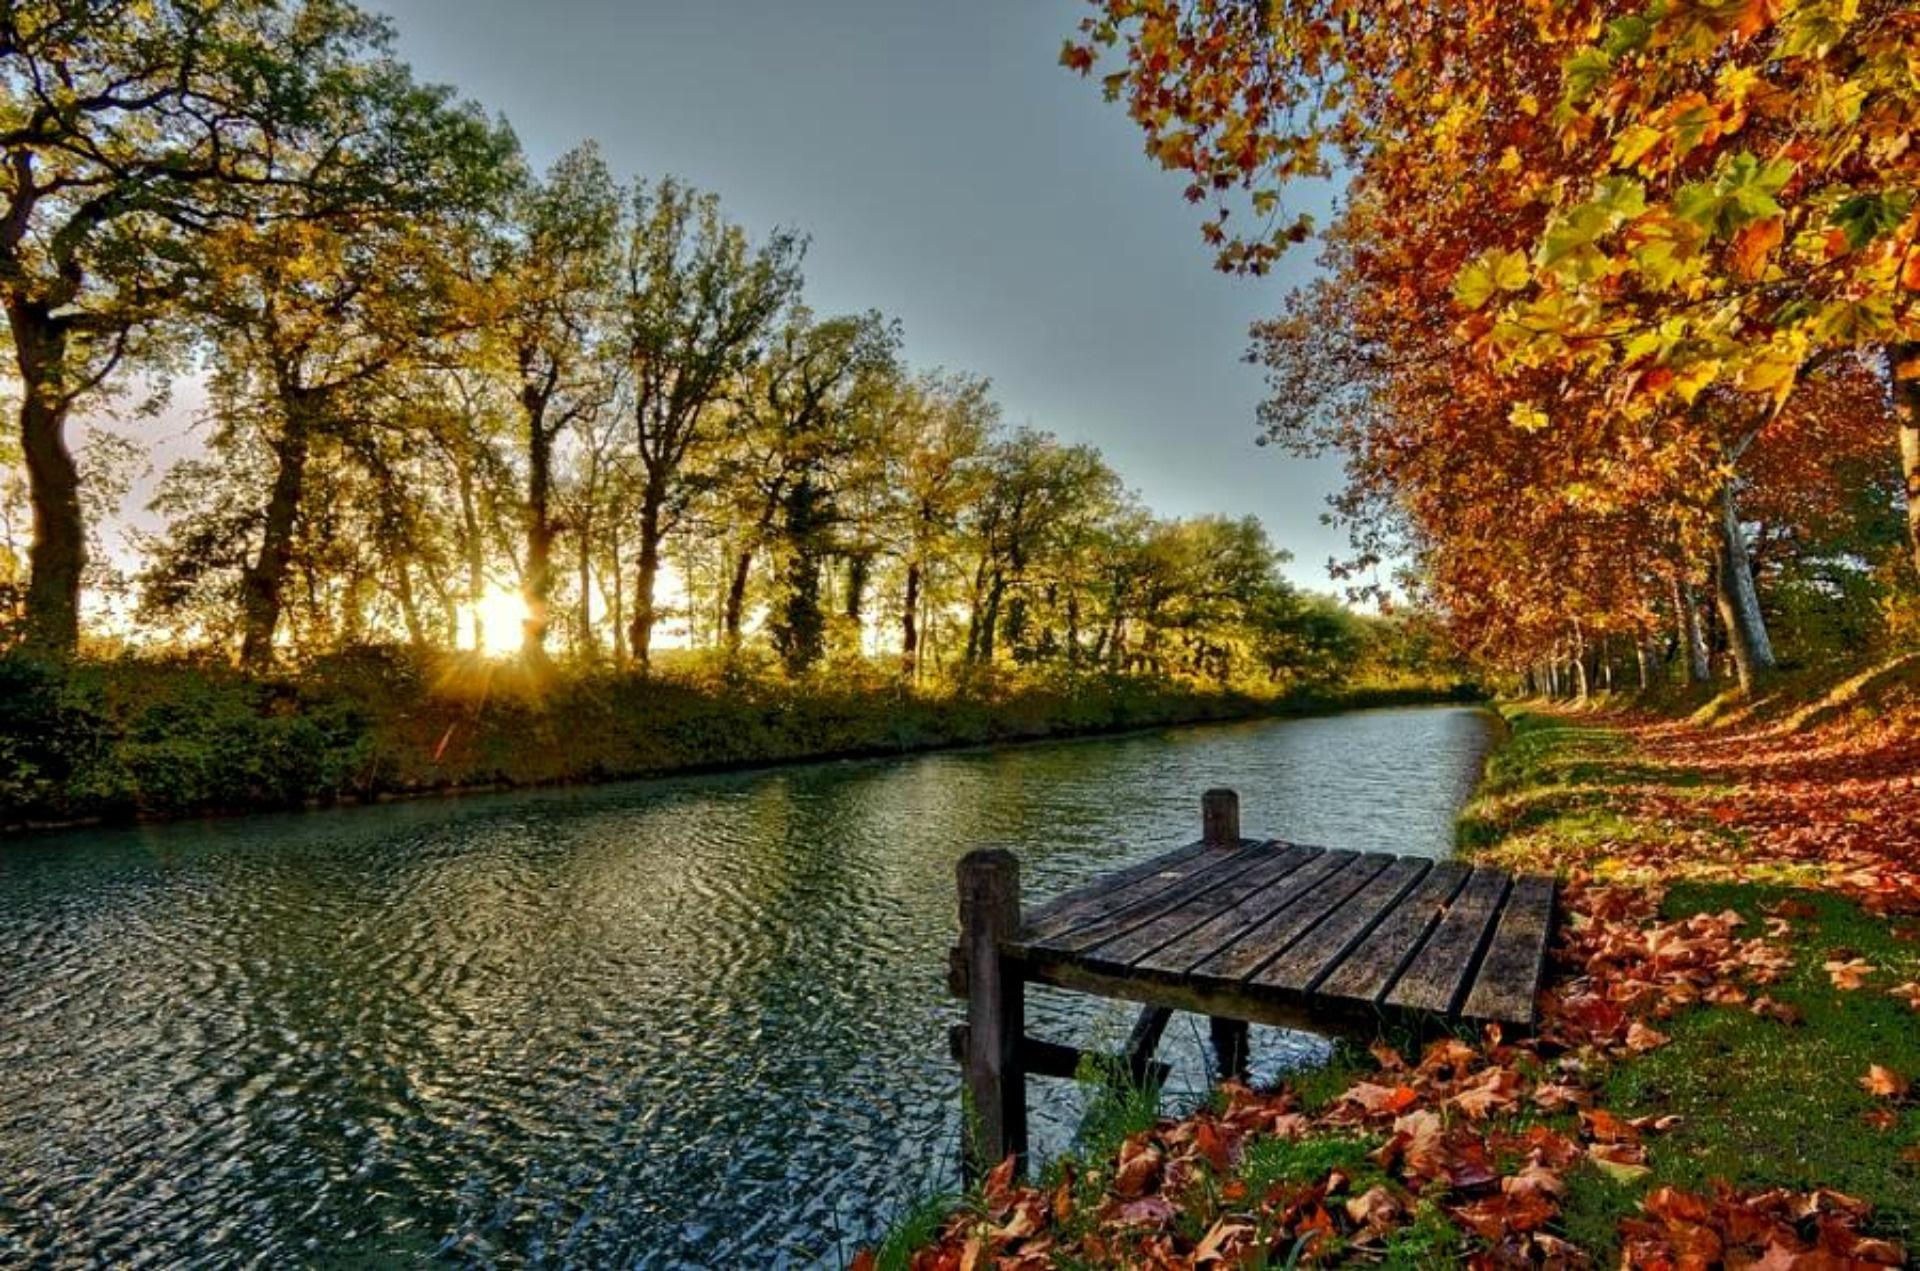 بالصور صور طبيعية , ما اجمل الطبيعة صور روعة 3747 3